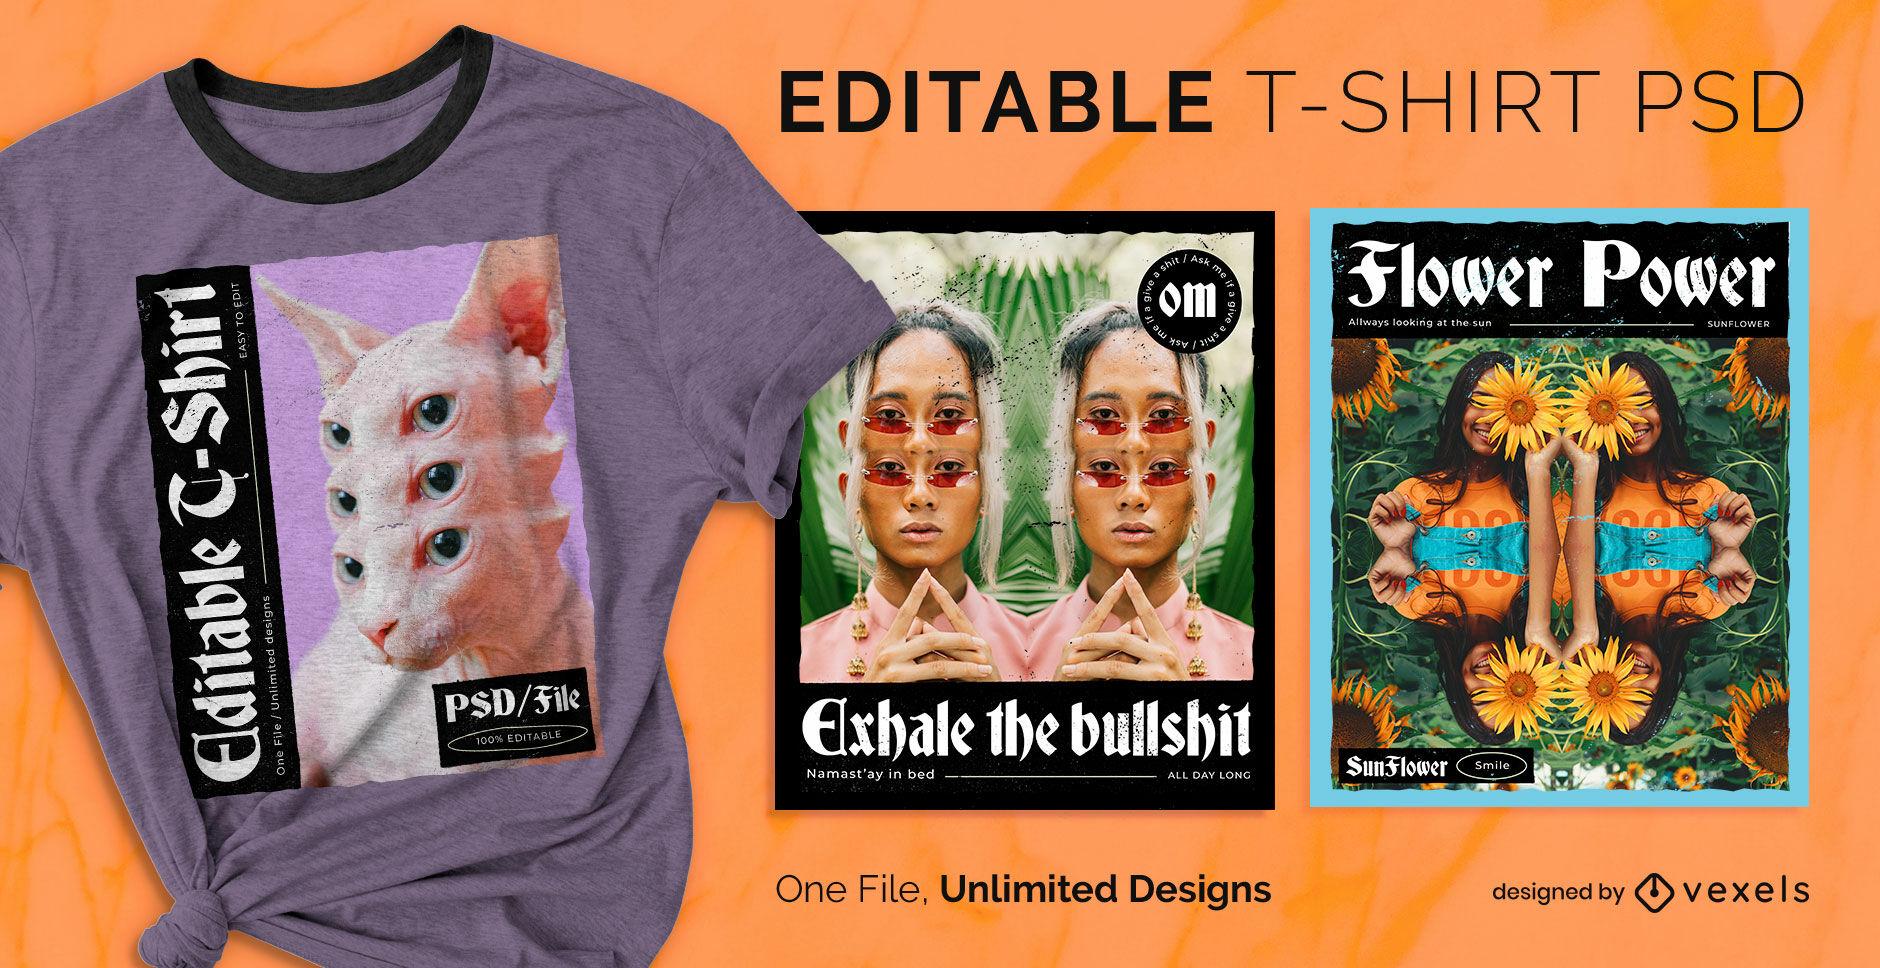 Camiseta psd escalable con imagen reflejada psicodélica